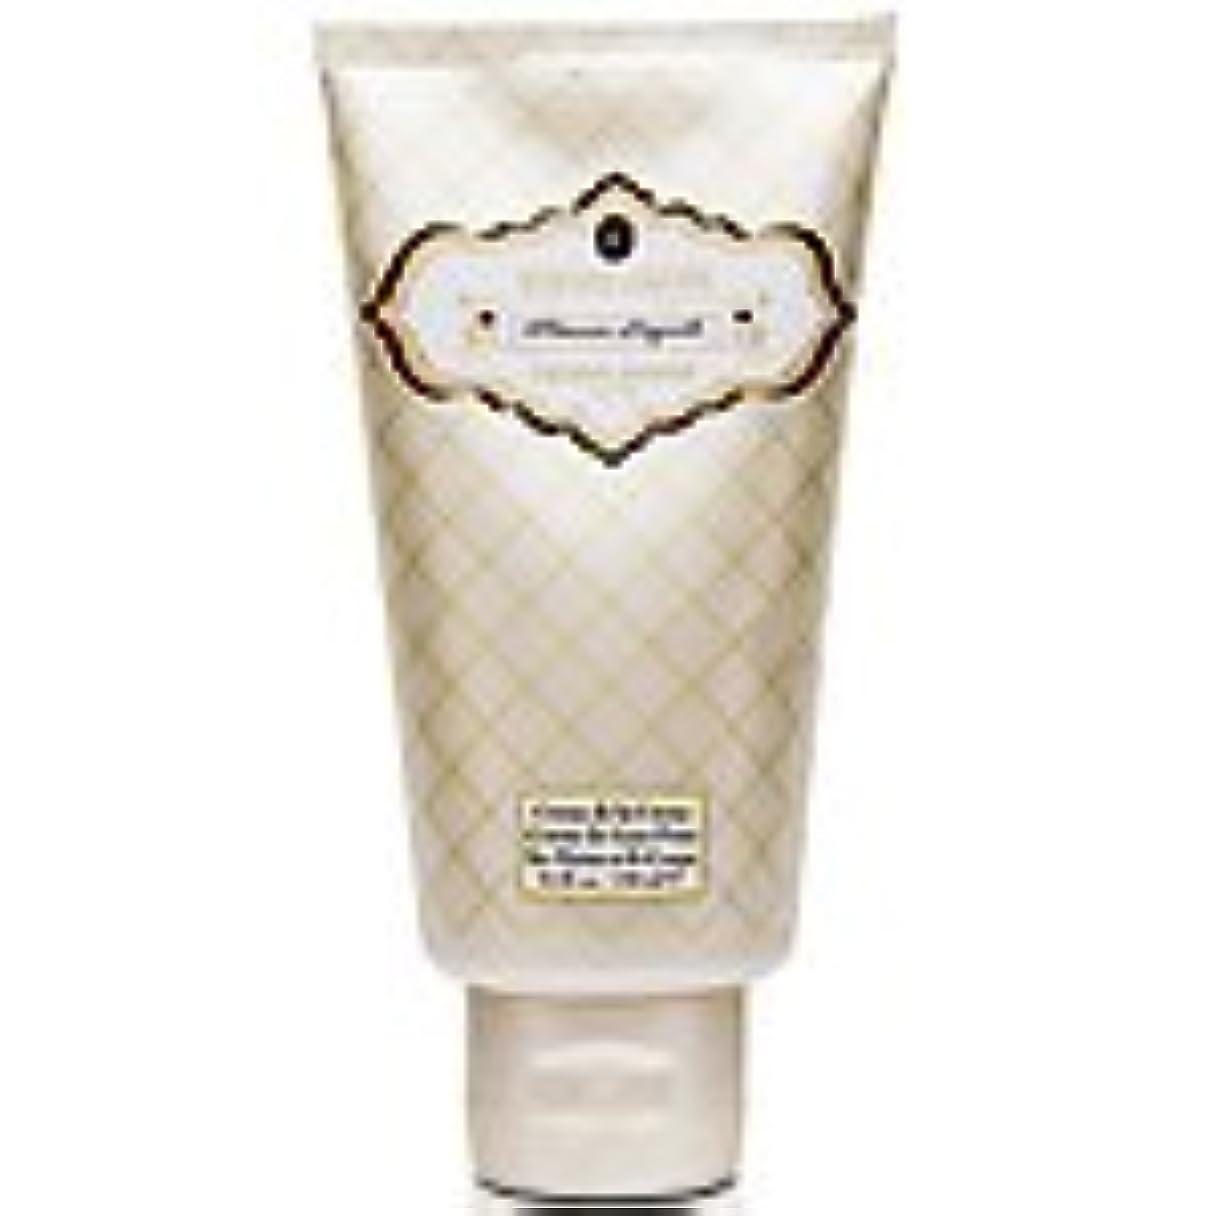 ウェイター印象勝者Memoire Liquide Reserve - Fleur Liquide (メモワールリキッドリザーブ - フルーアーリキッド) 5.1 oz (153ml) Body Cream for Unisex